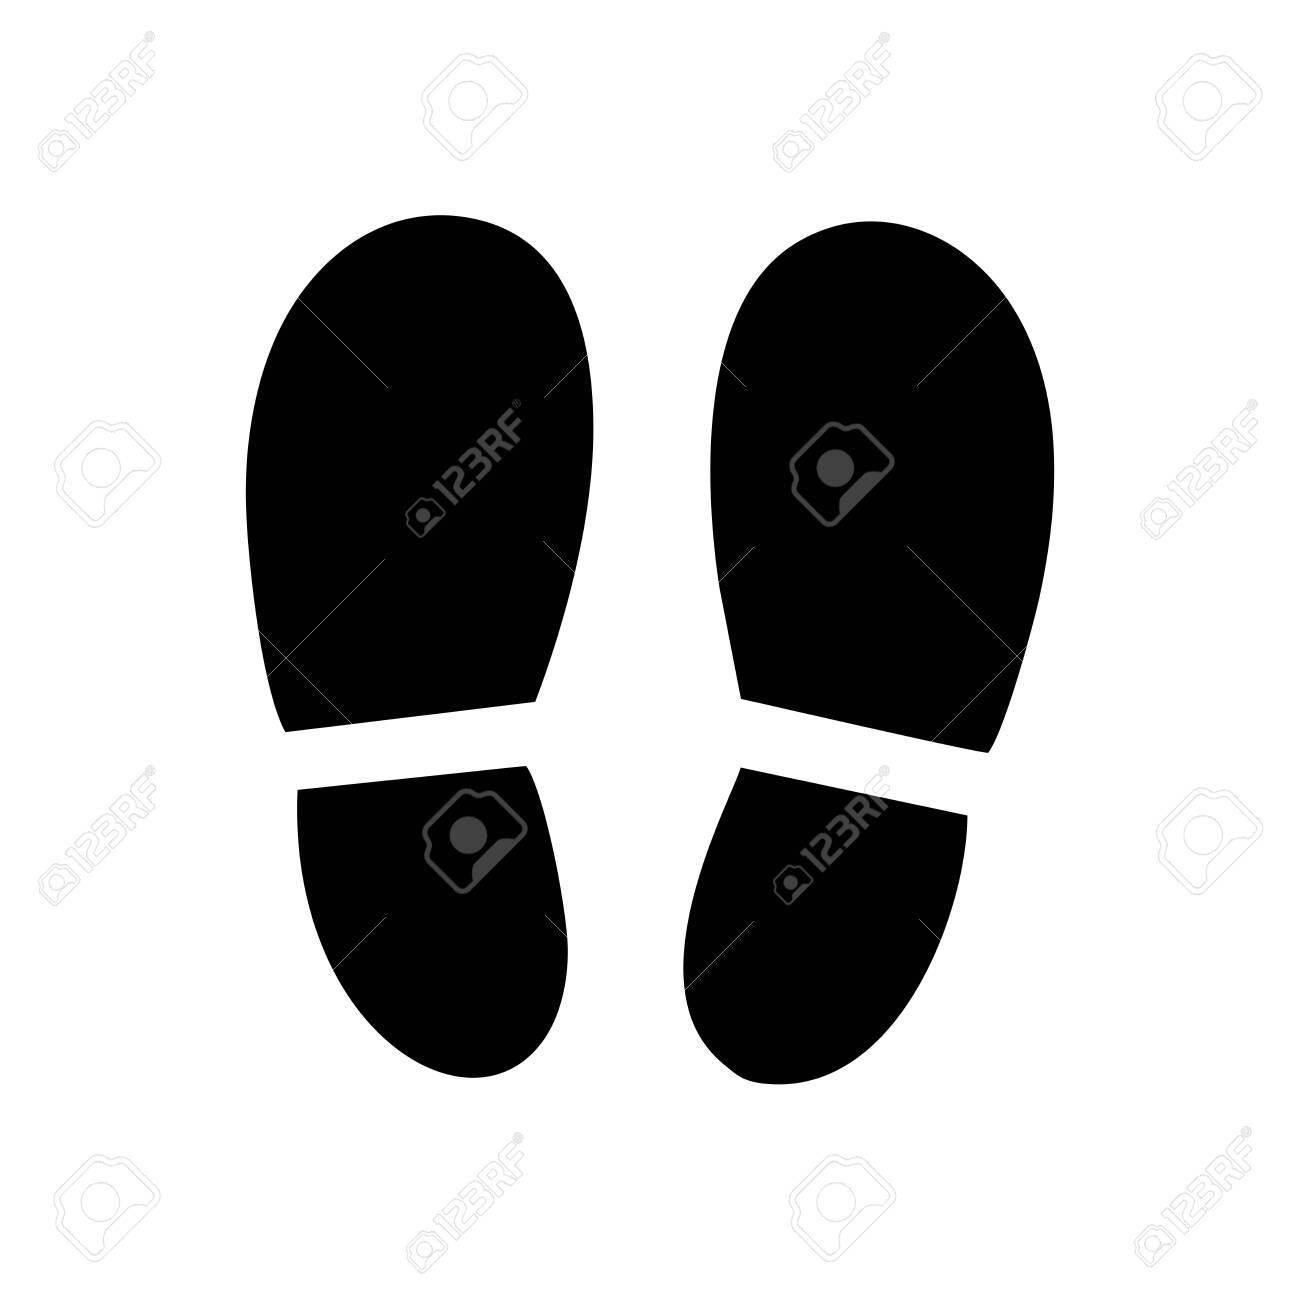 footprint icon vector design symbol - 141149354